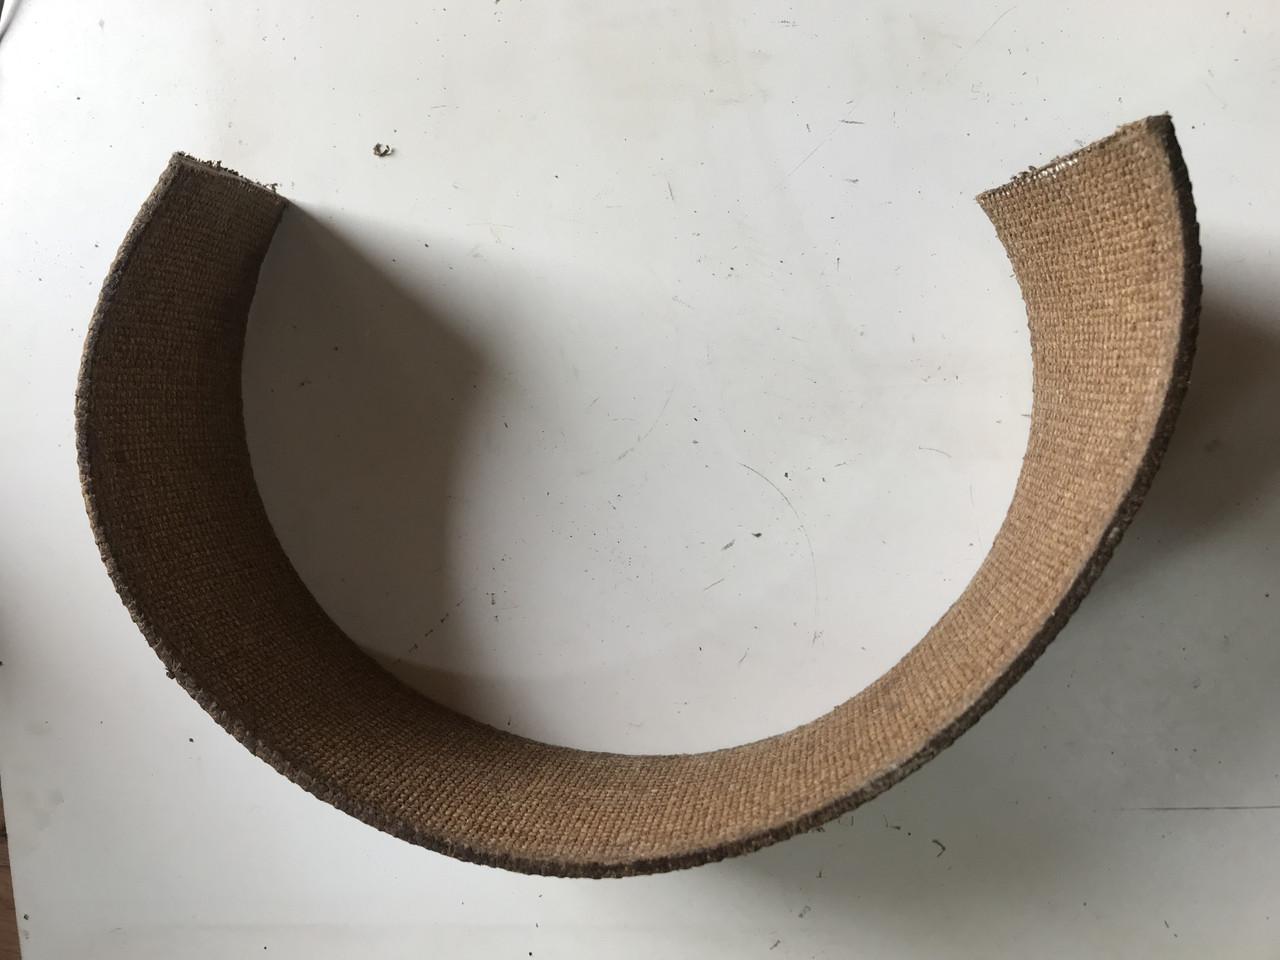 Накладка тормозной ленты для трактора ТДТ 55 08 мм